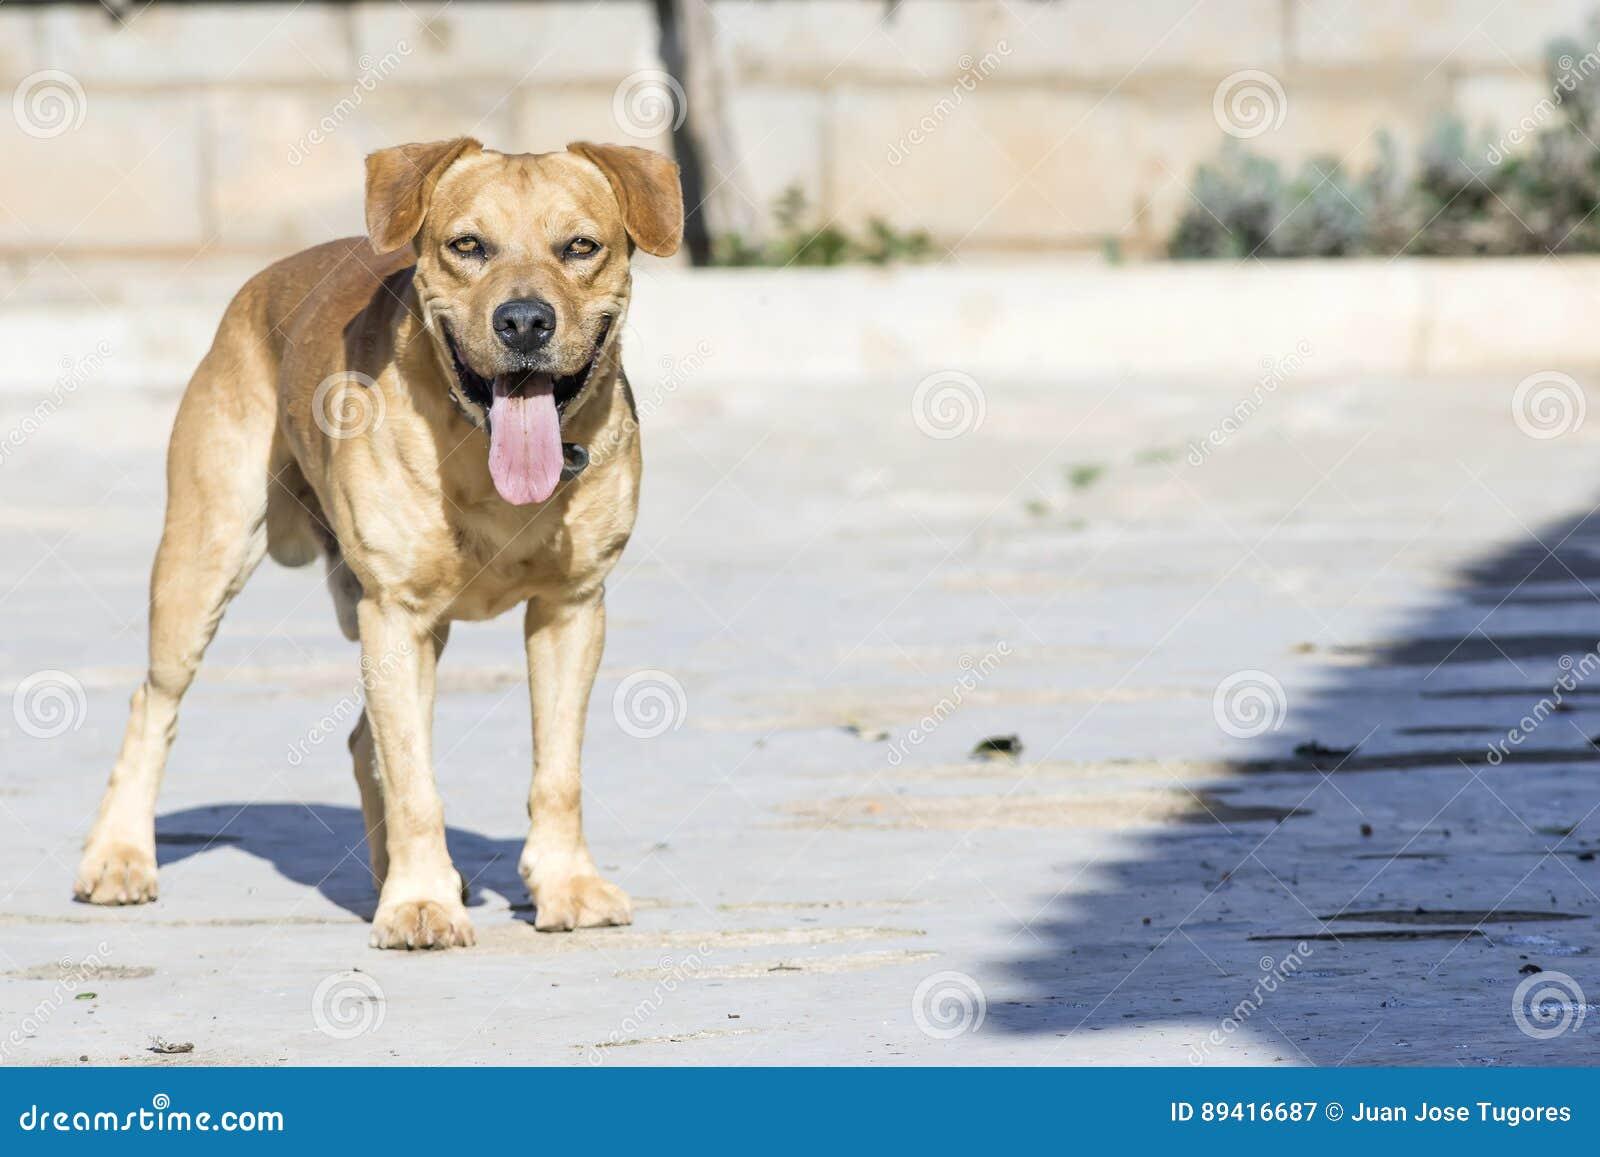 Animais de animal de estimação, cães